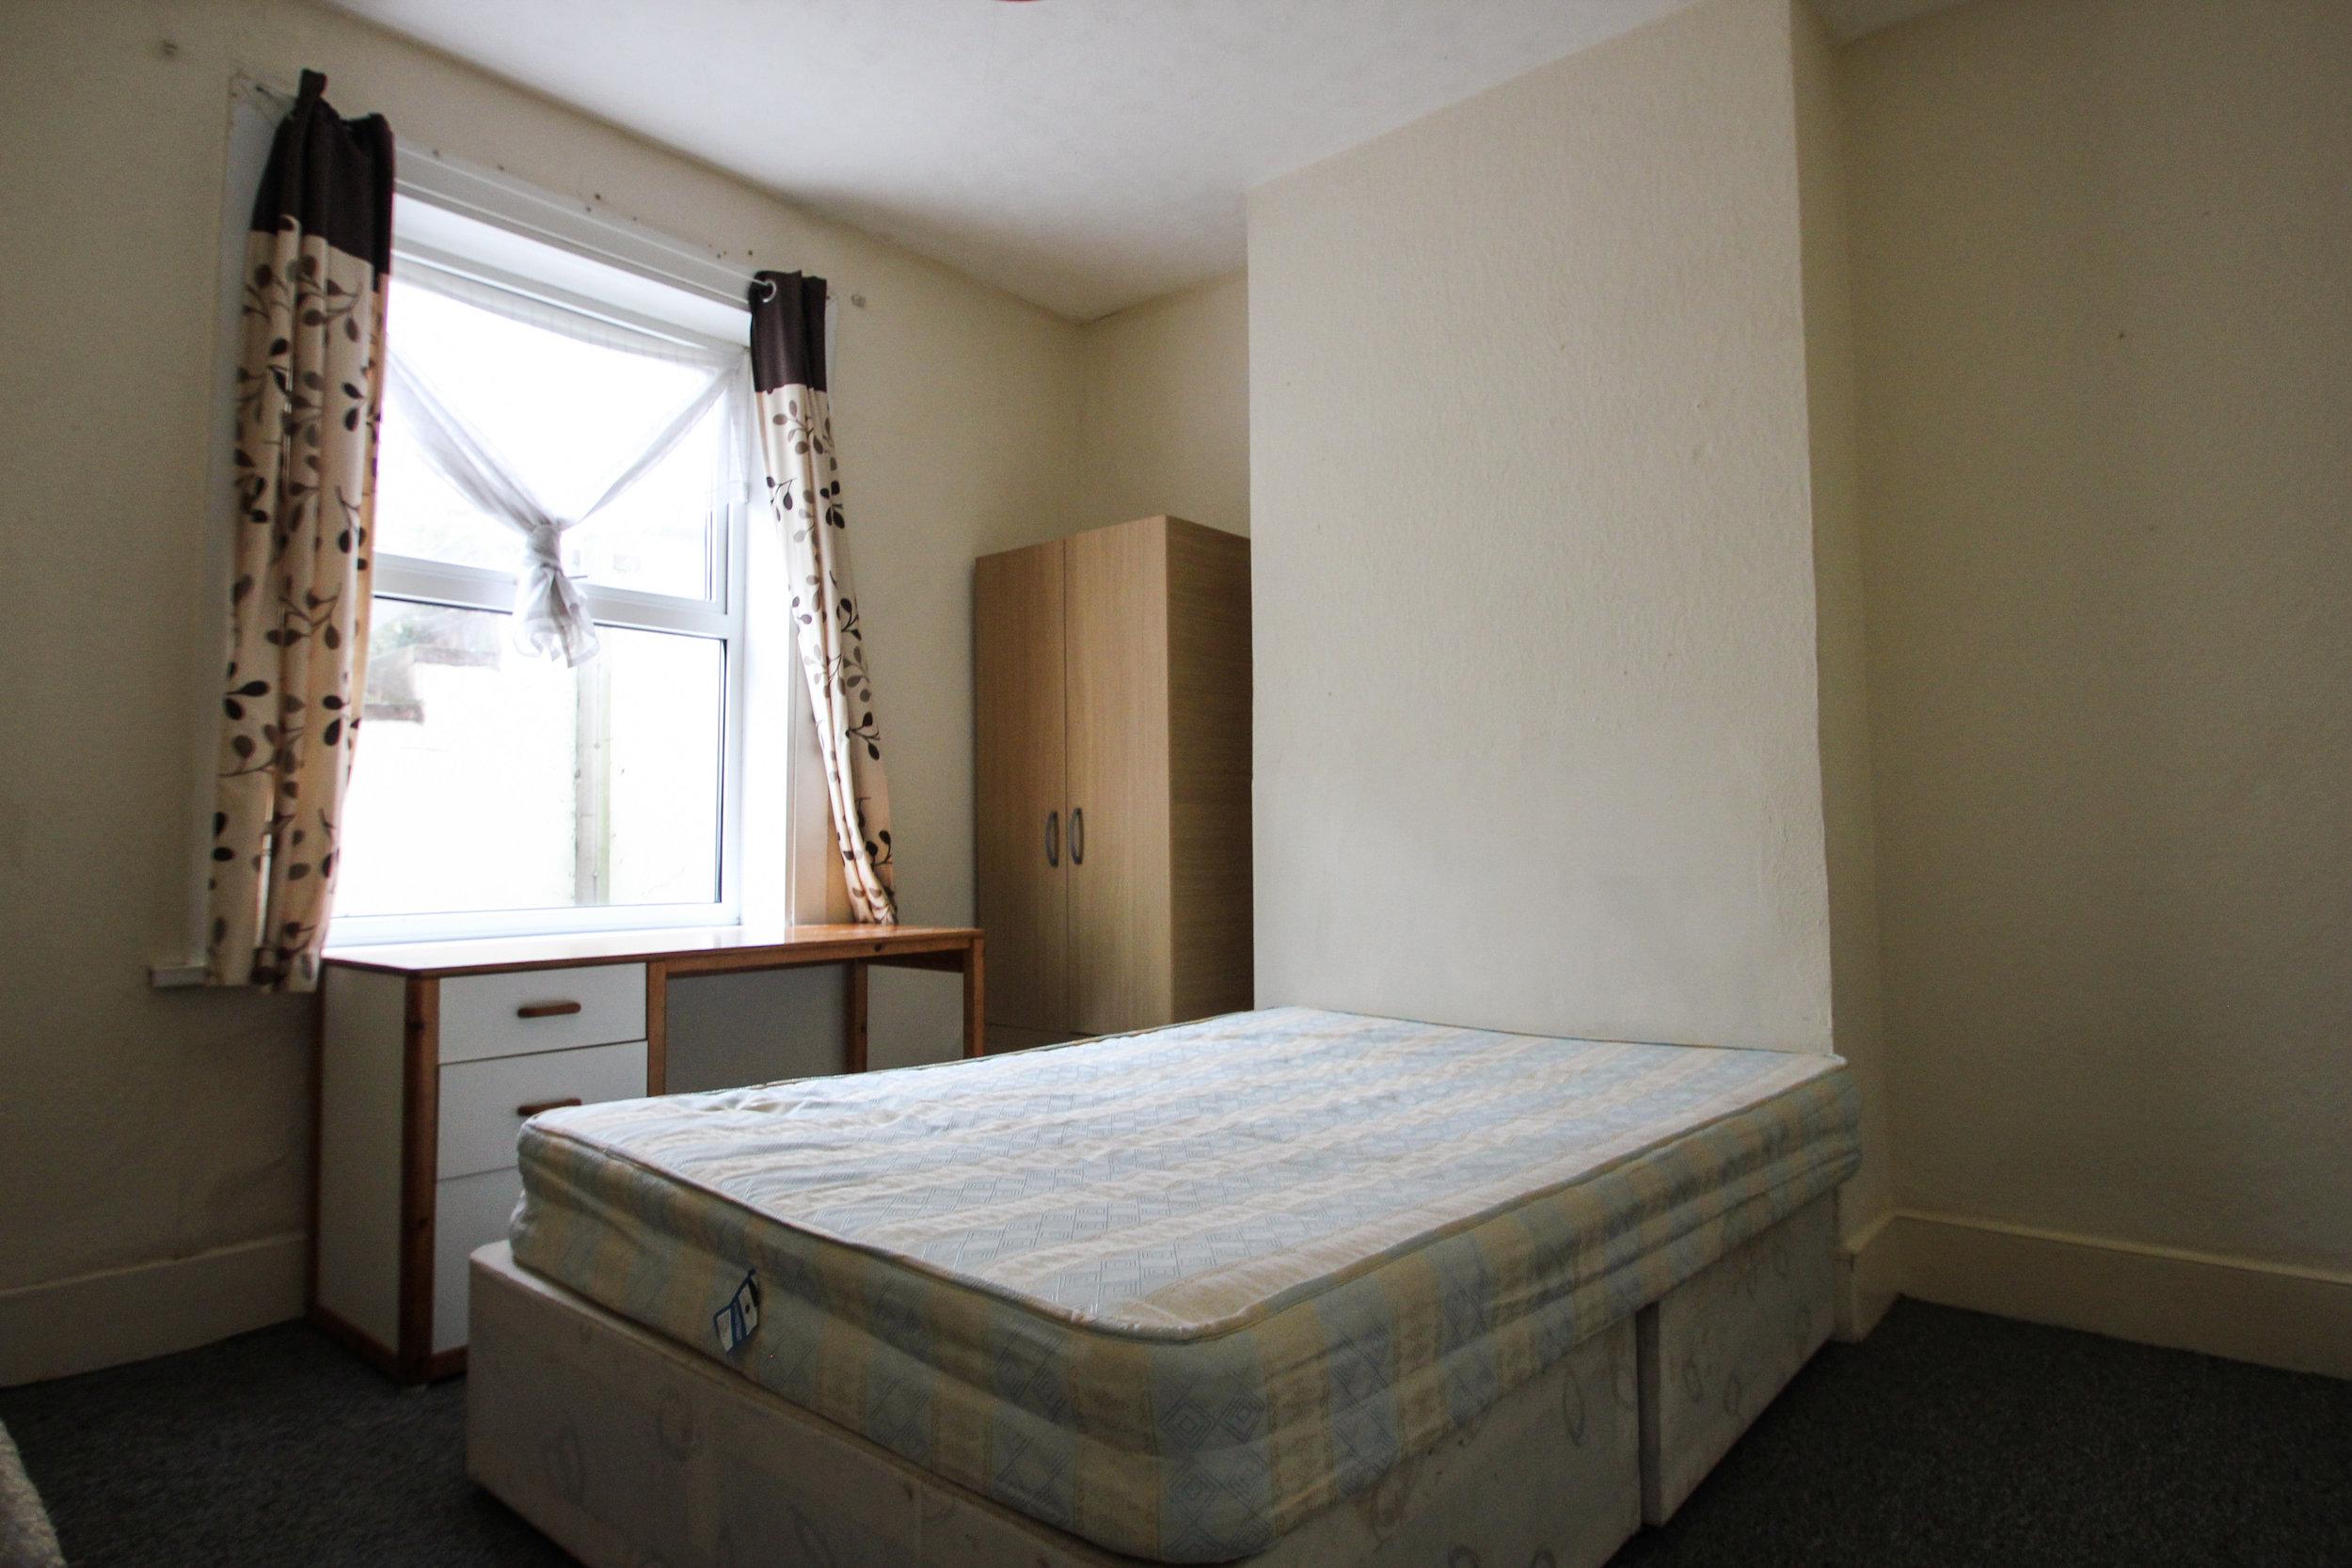 IMG_7317_edited.jpg bedroom 3.jpg